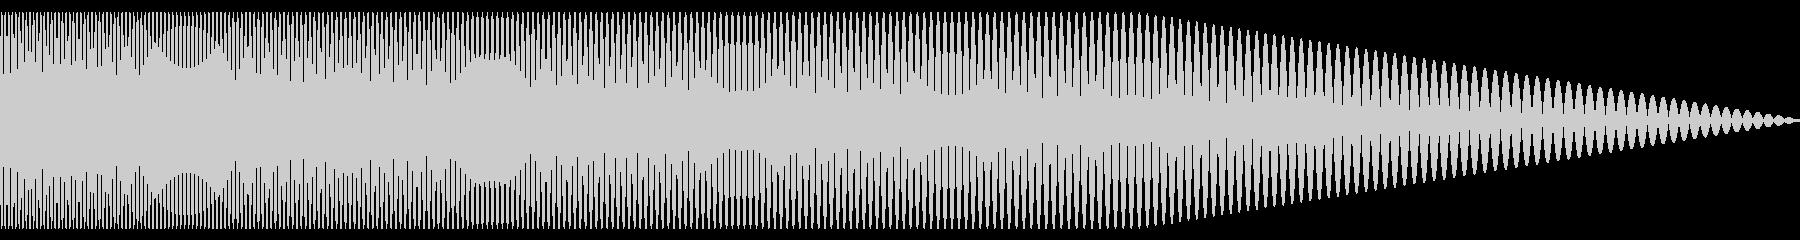 ハリウッド映画でよく聞く低音の効果音1の未再生の波形